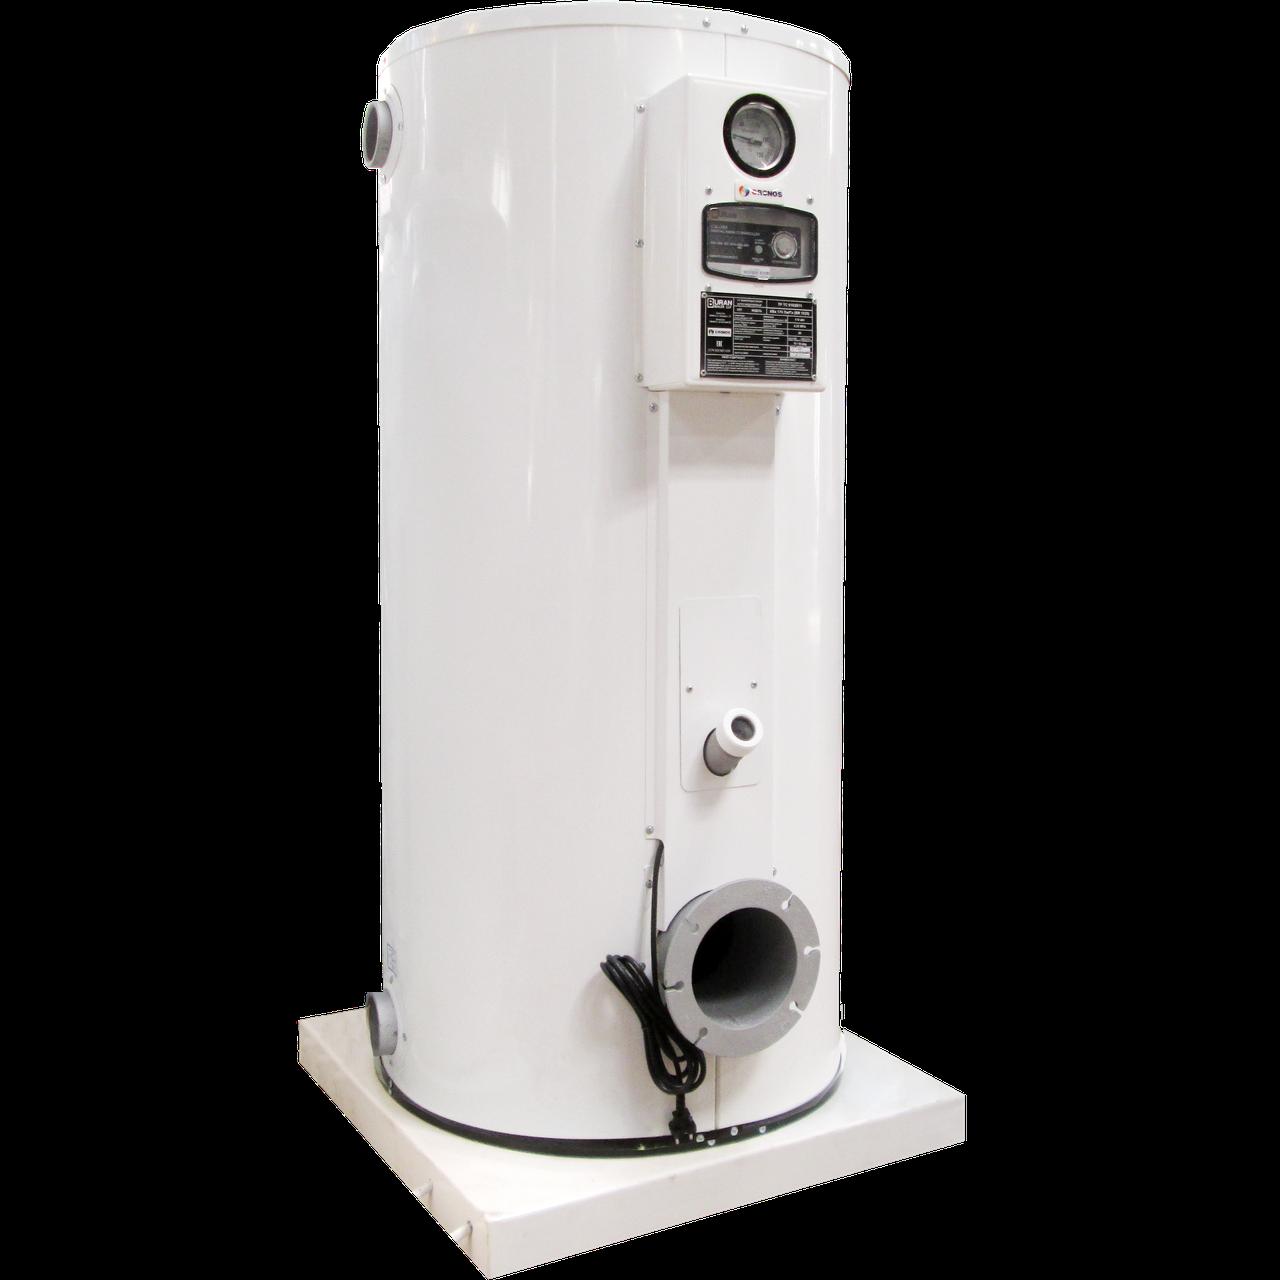 Котёл газовый Cronos BB-3035 (350 кВт) для отопления и ГВС